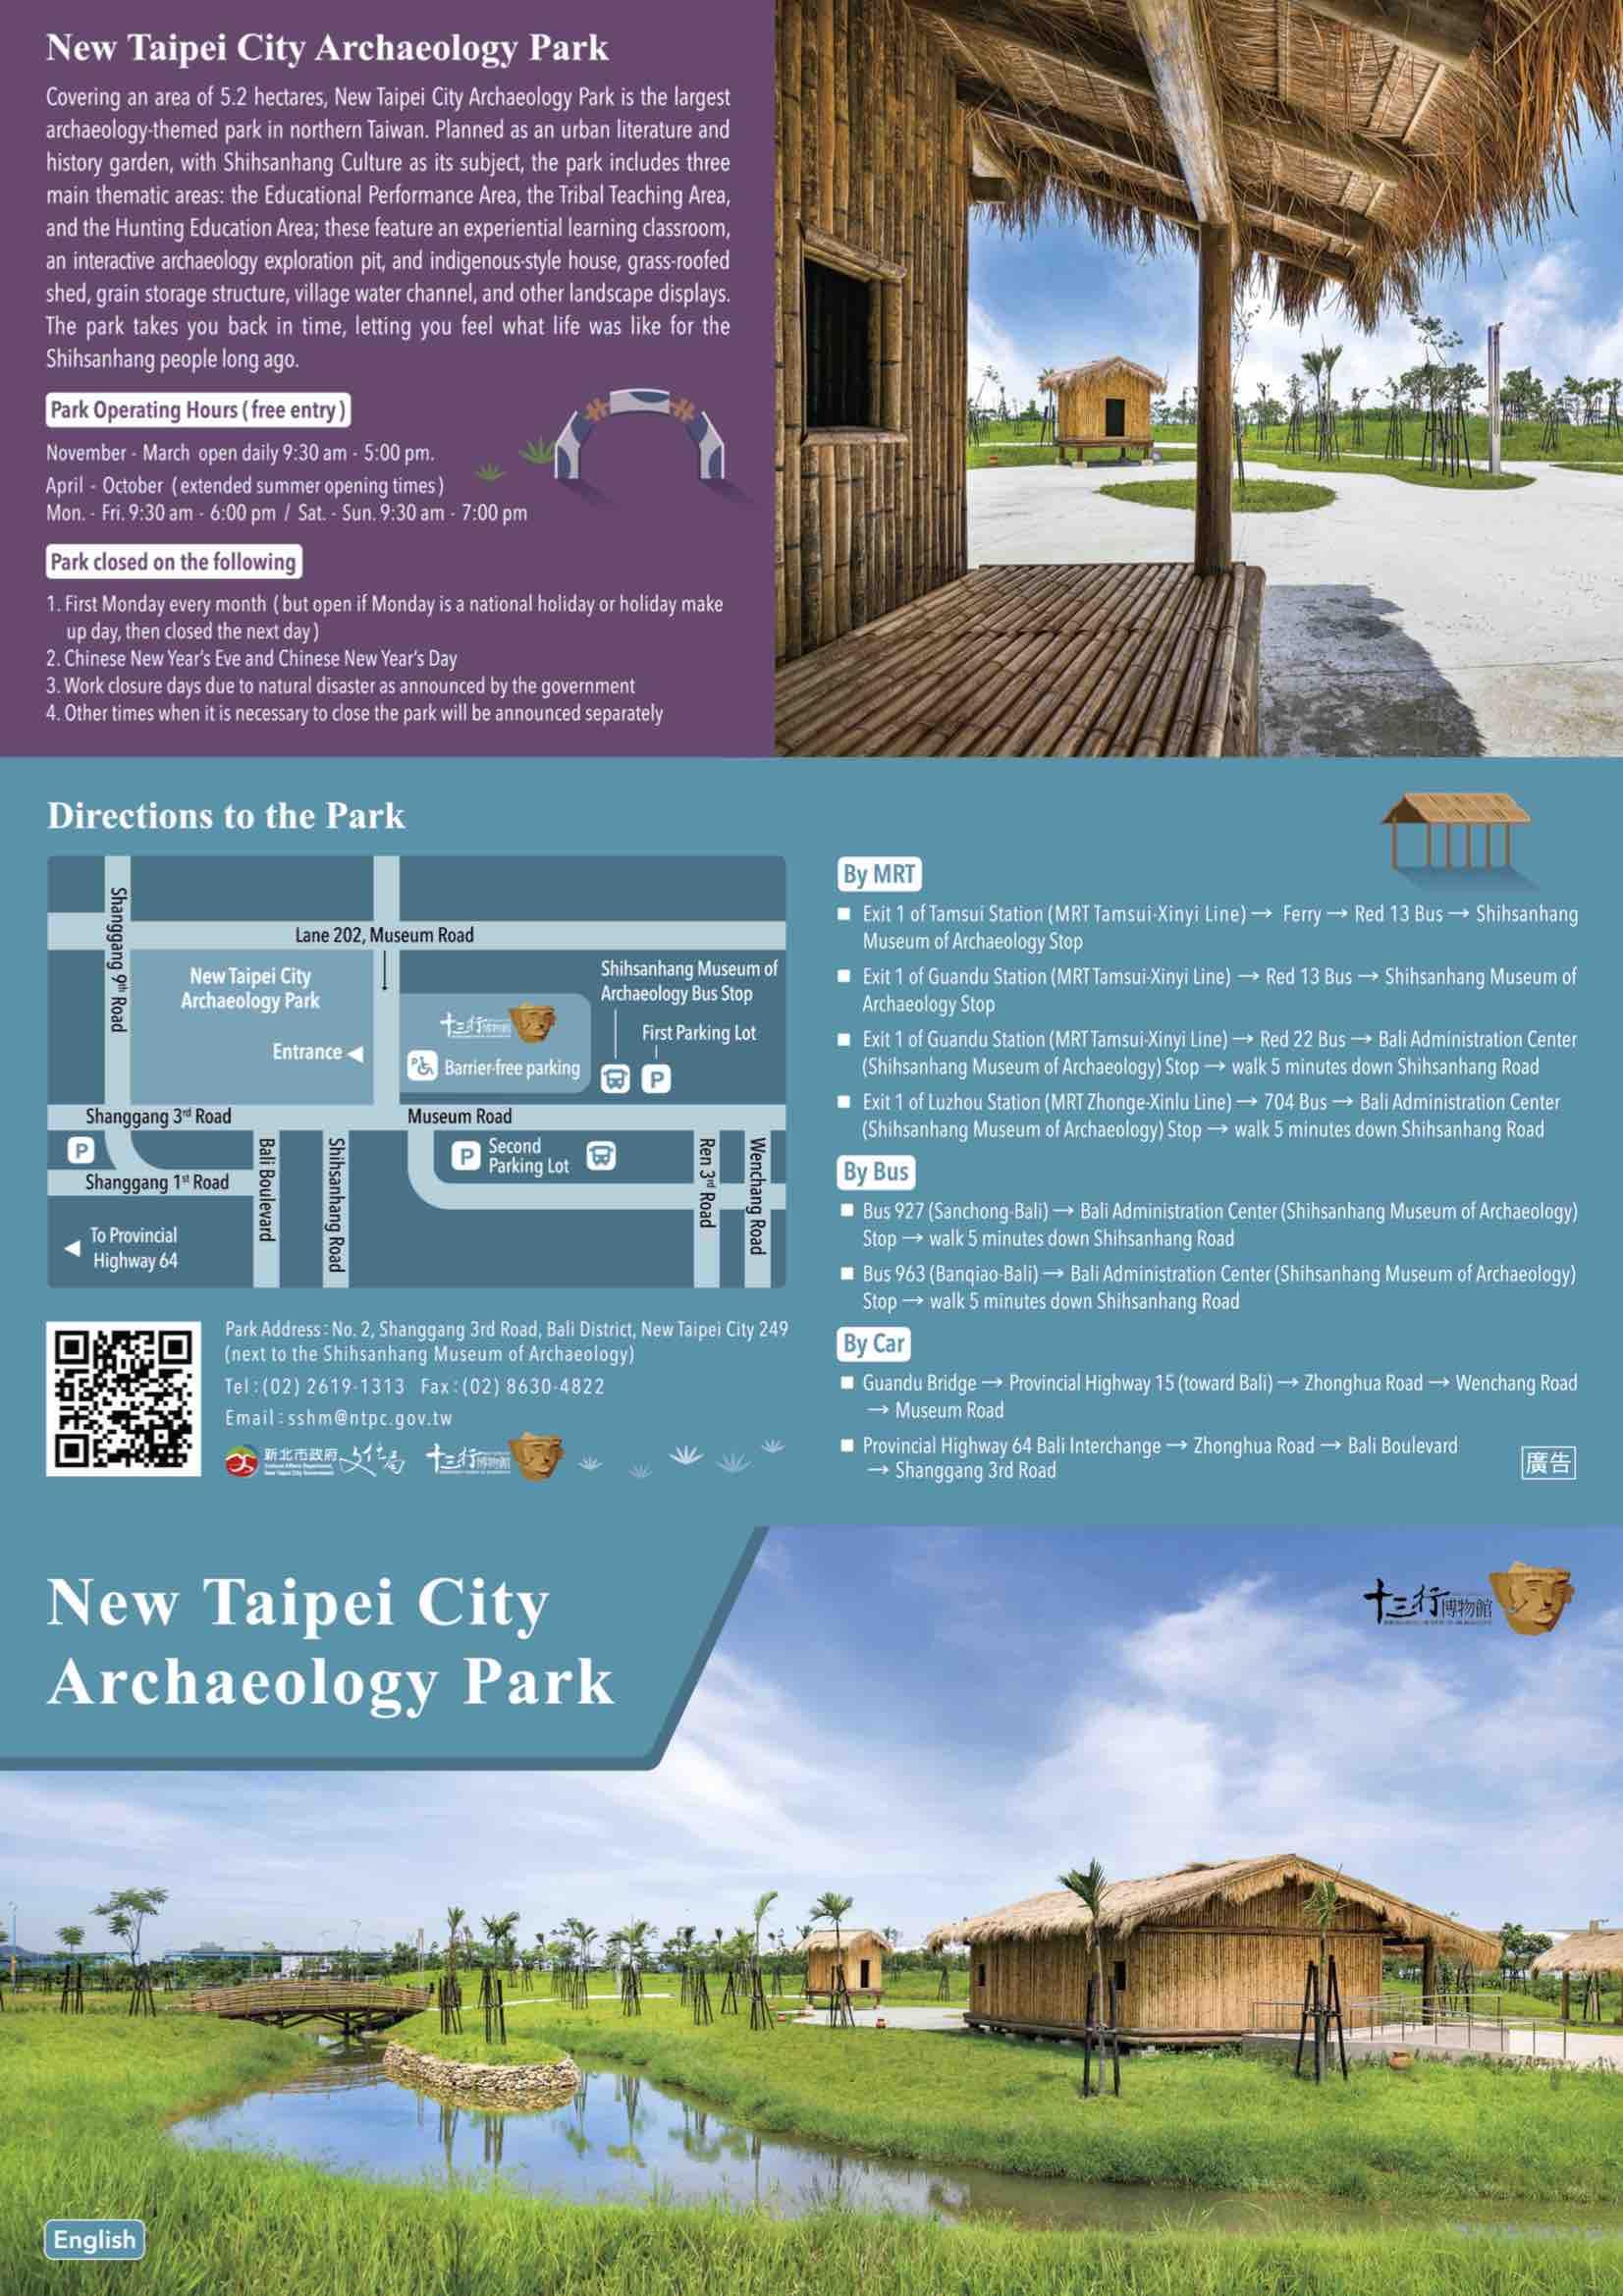 新北考古公園摺頁-英文1